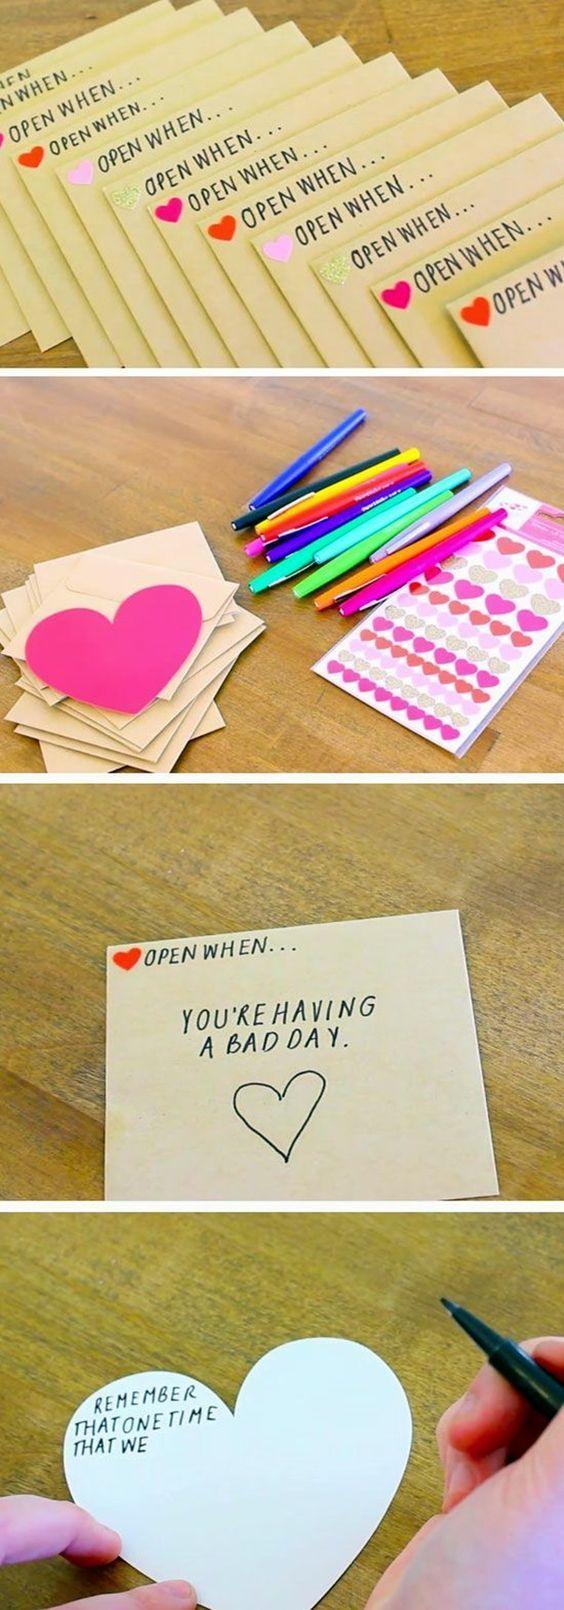 101 hausgemachte Valentinstag Ideen für ihn, die wirklich süß sind